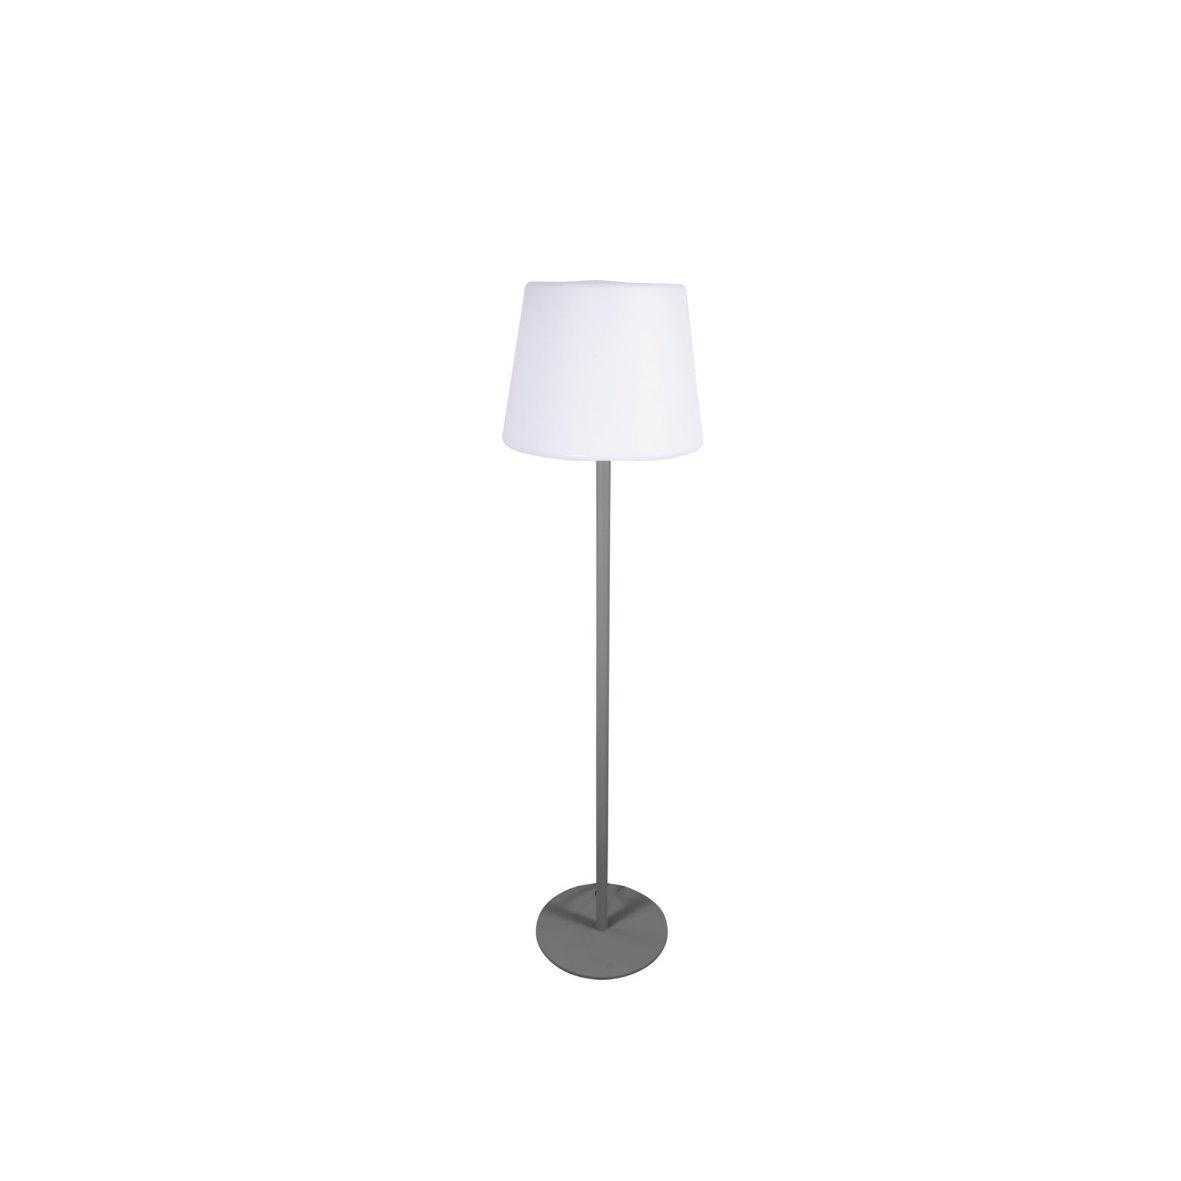 aussenleuchte aussen stehleuchte stehlampe stehleuchte standleuchte marmor au en ebay. Black Bedroom Furniture Sets. Home Design Ideas